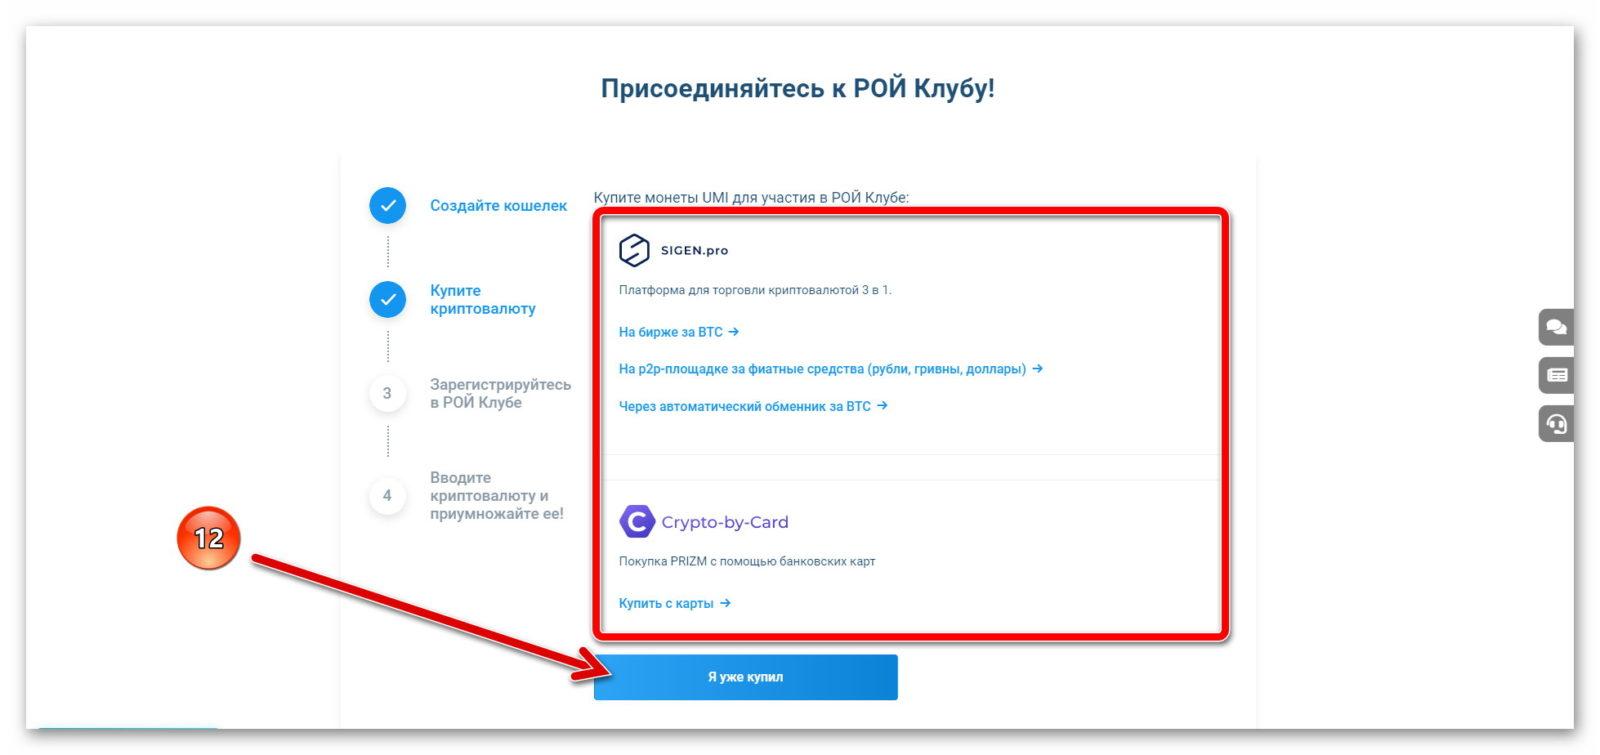 Покупка UMI  в проекте РОЙ Клуб